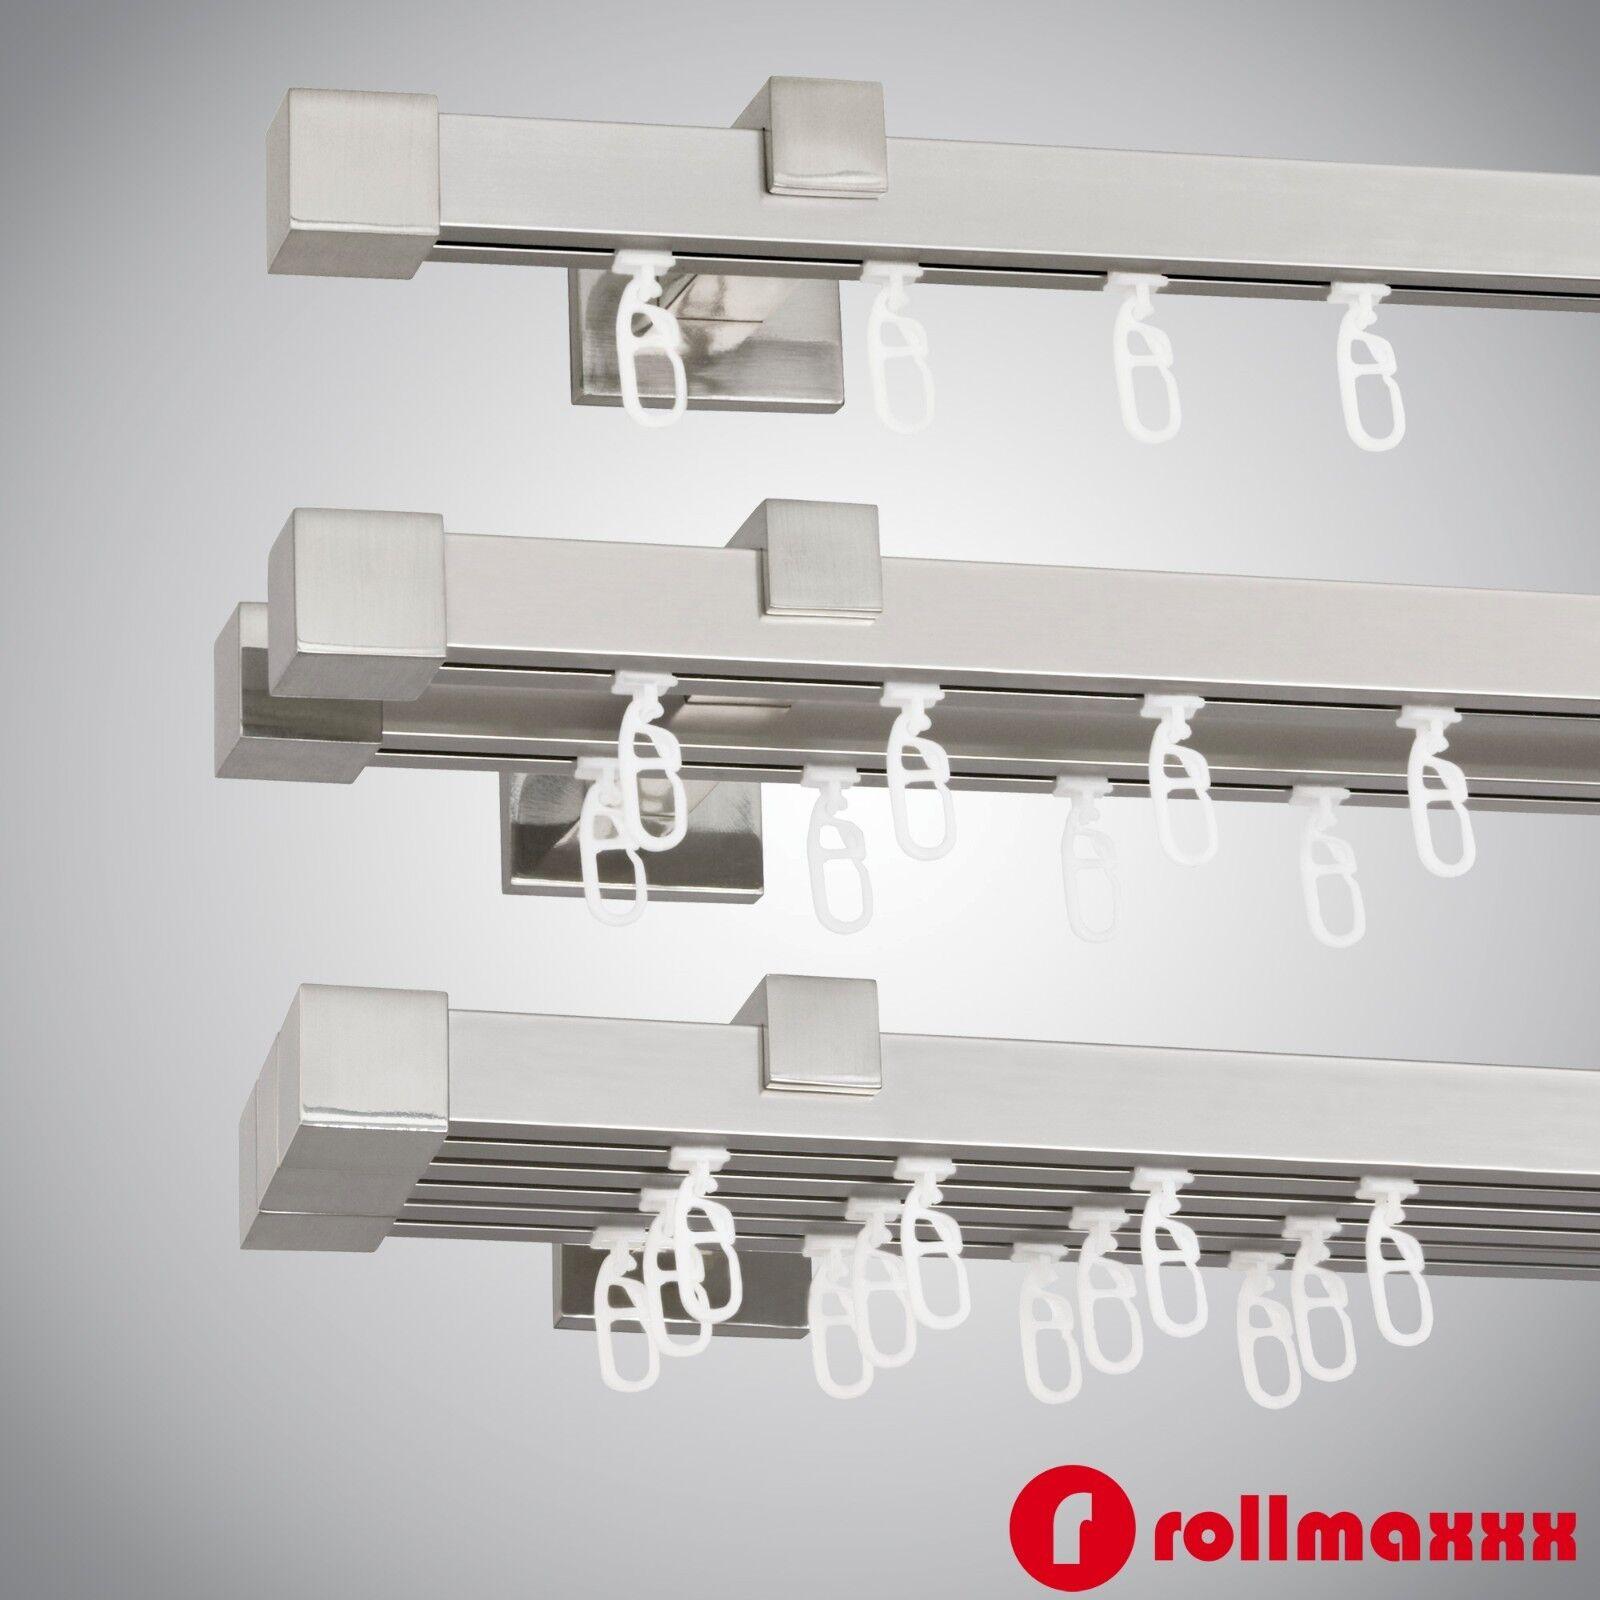 Gardinenstange Vorhangstange 200cm 20mm 1 2 3 läufig Edelstahl Design Metall